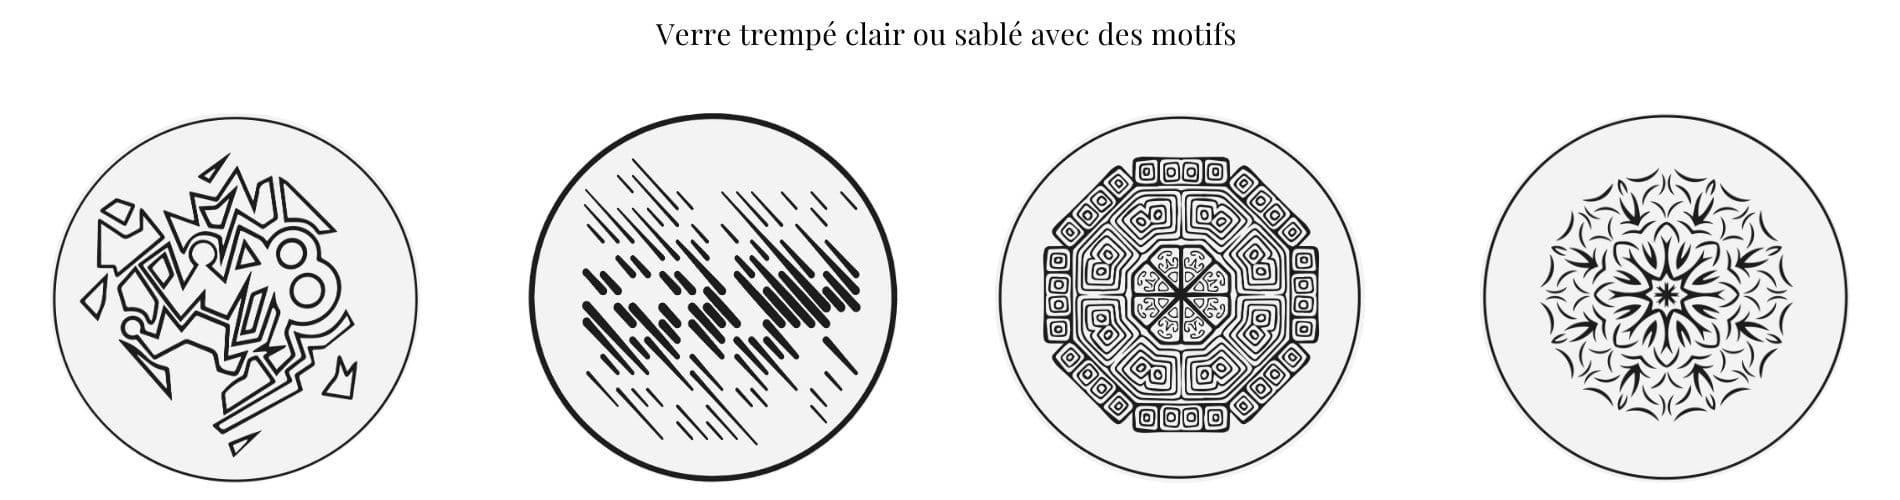 Table ronde avec plateau sur-mesure en verre trempé et sablé de motifs